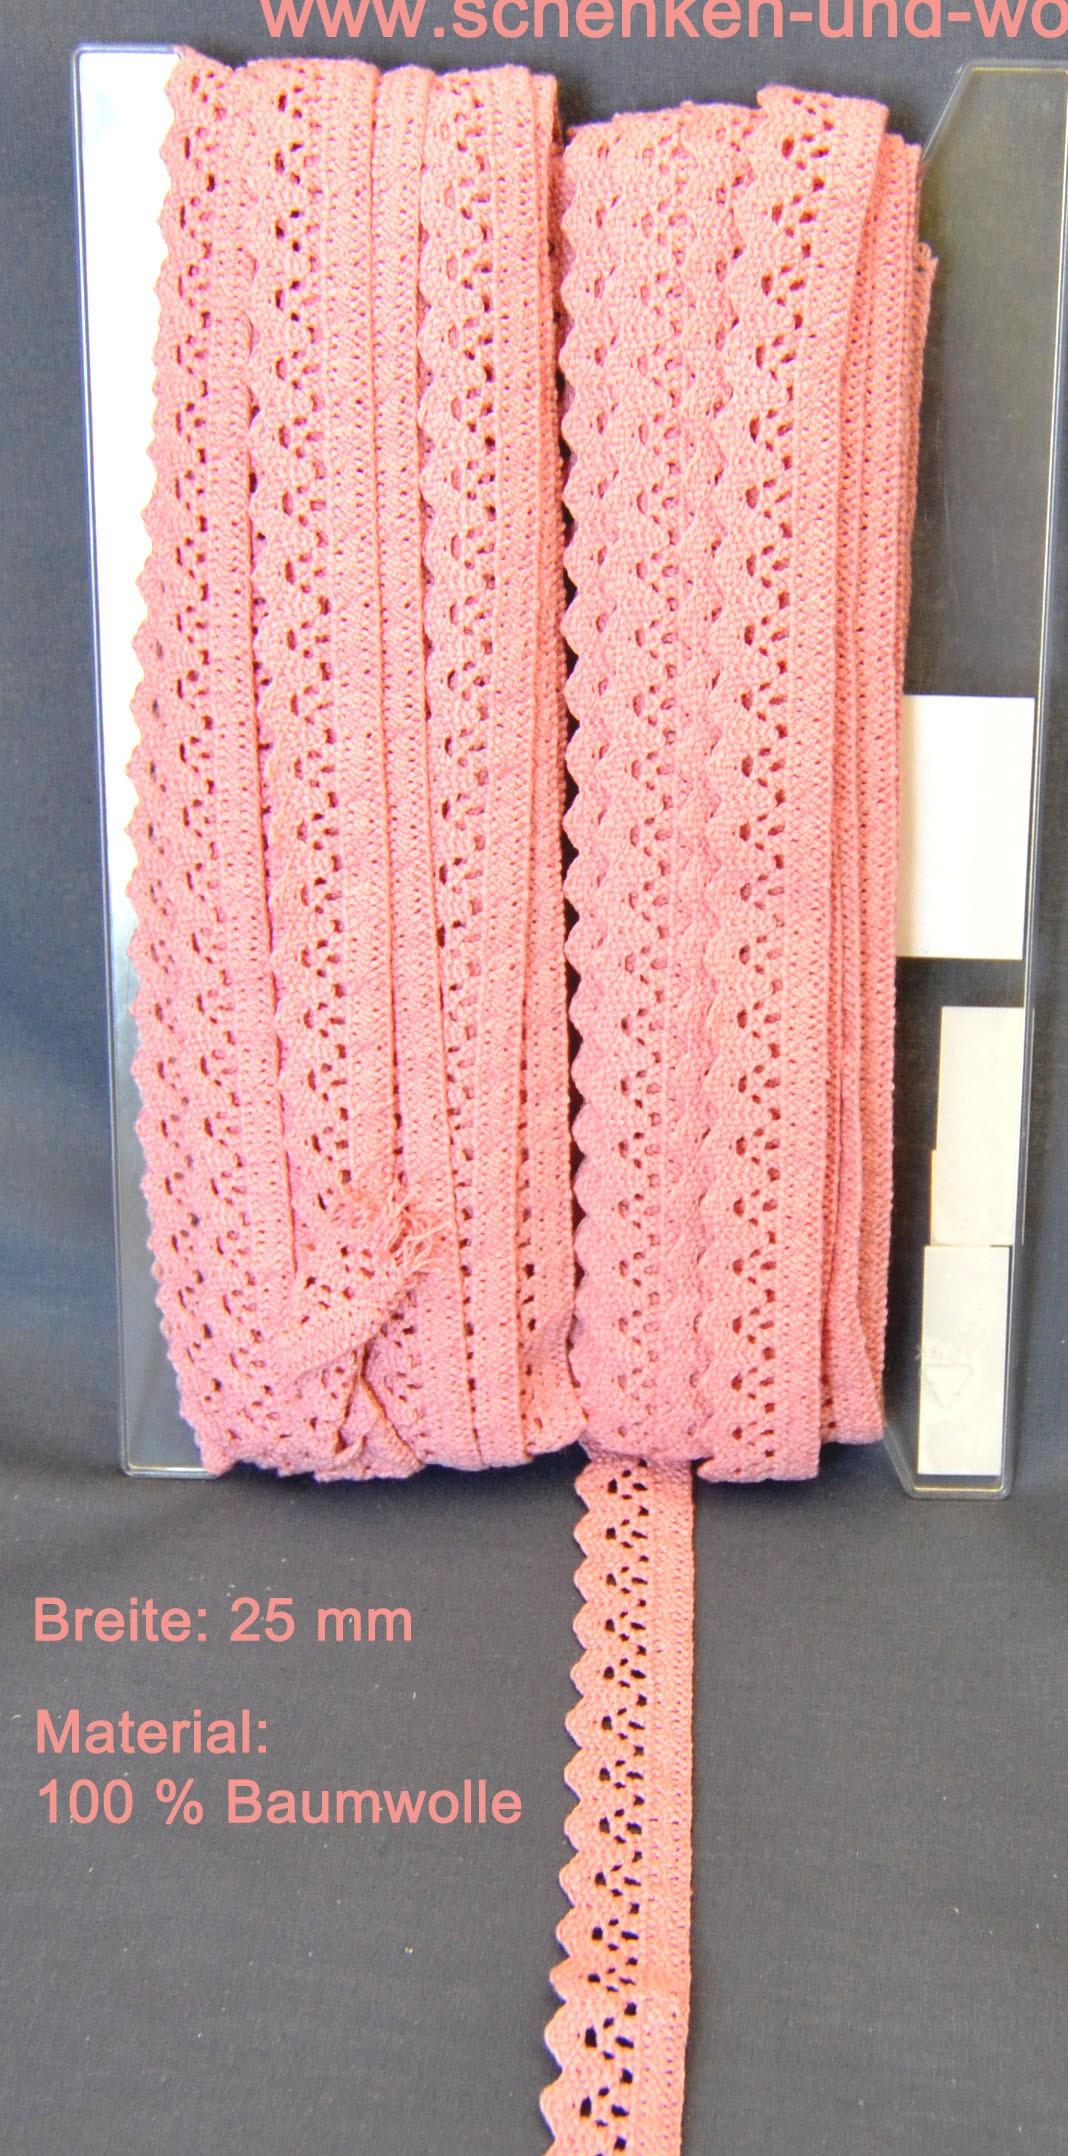 Baumwoll-Spitze Borte 25 mm breit rosé Tegernsee